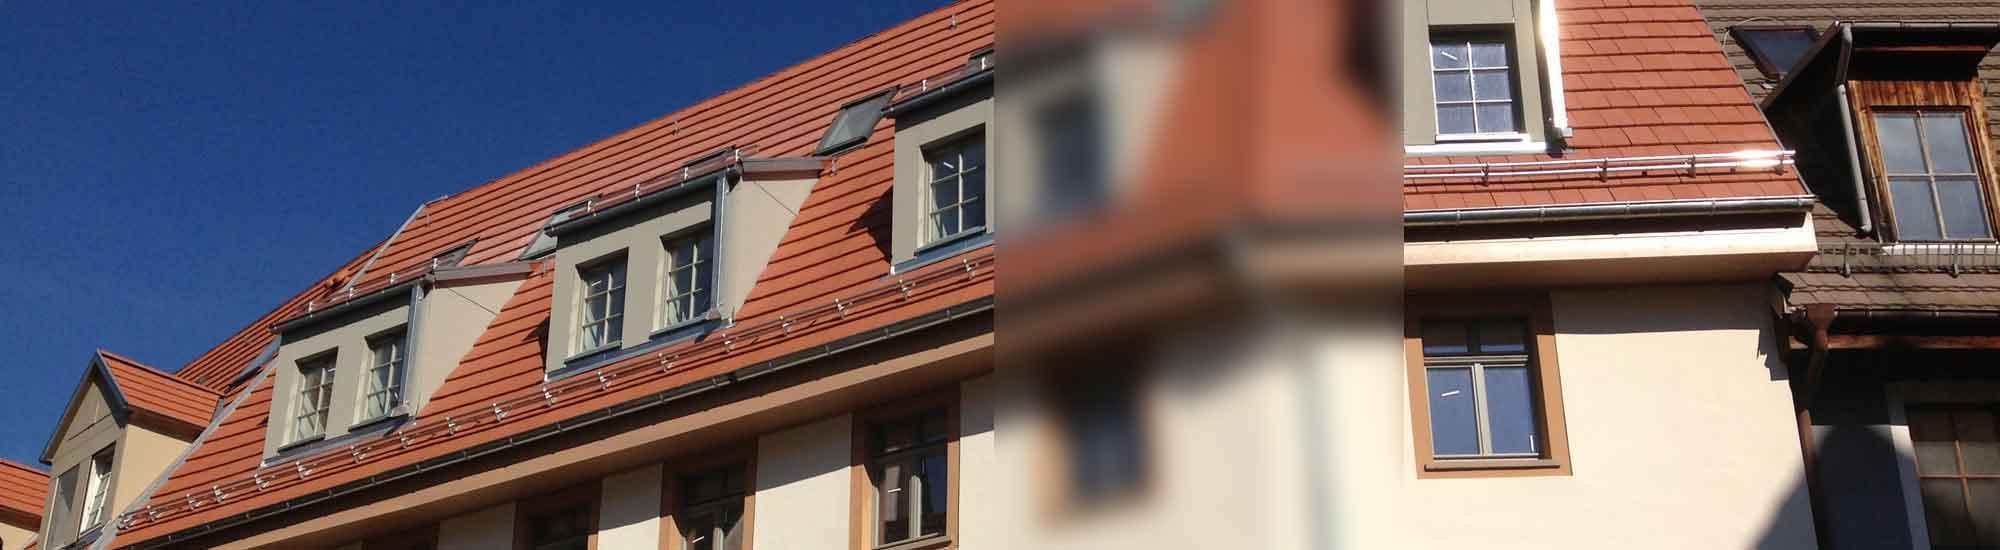 antignum - Zimmer-und Dachdeckermeisterbetrieb Erfurt - Detailfoto Dachsanierung Arche in Erfurt